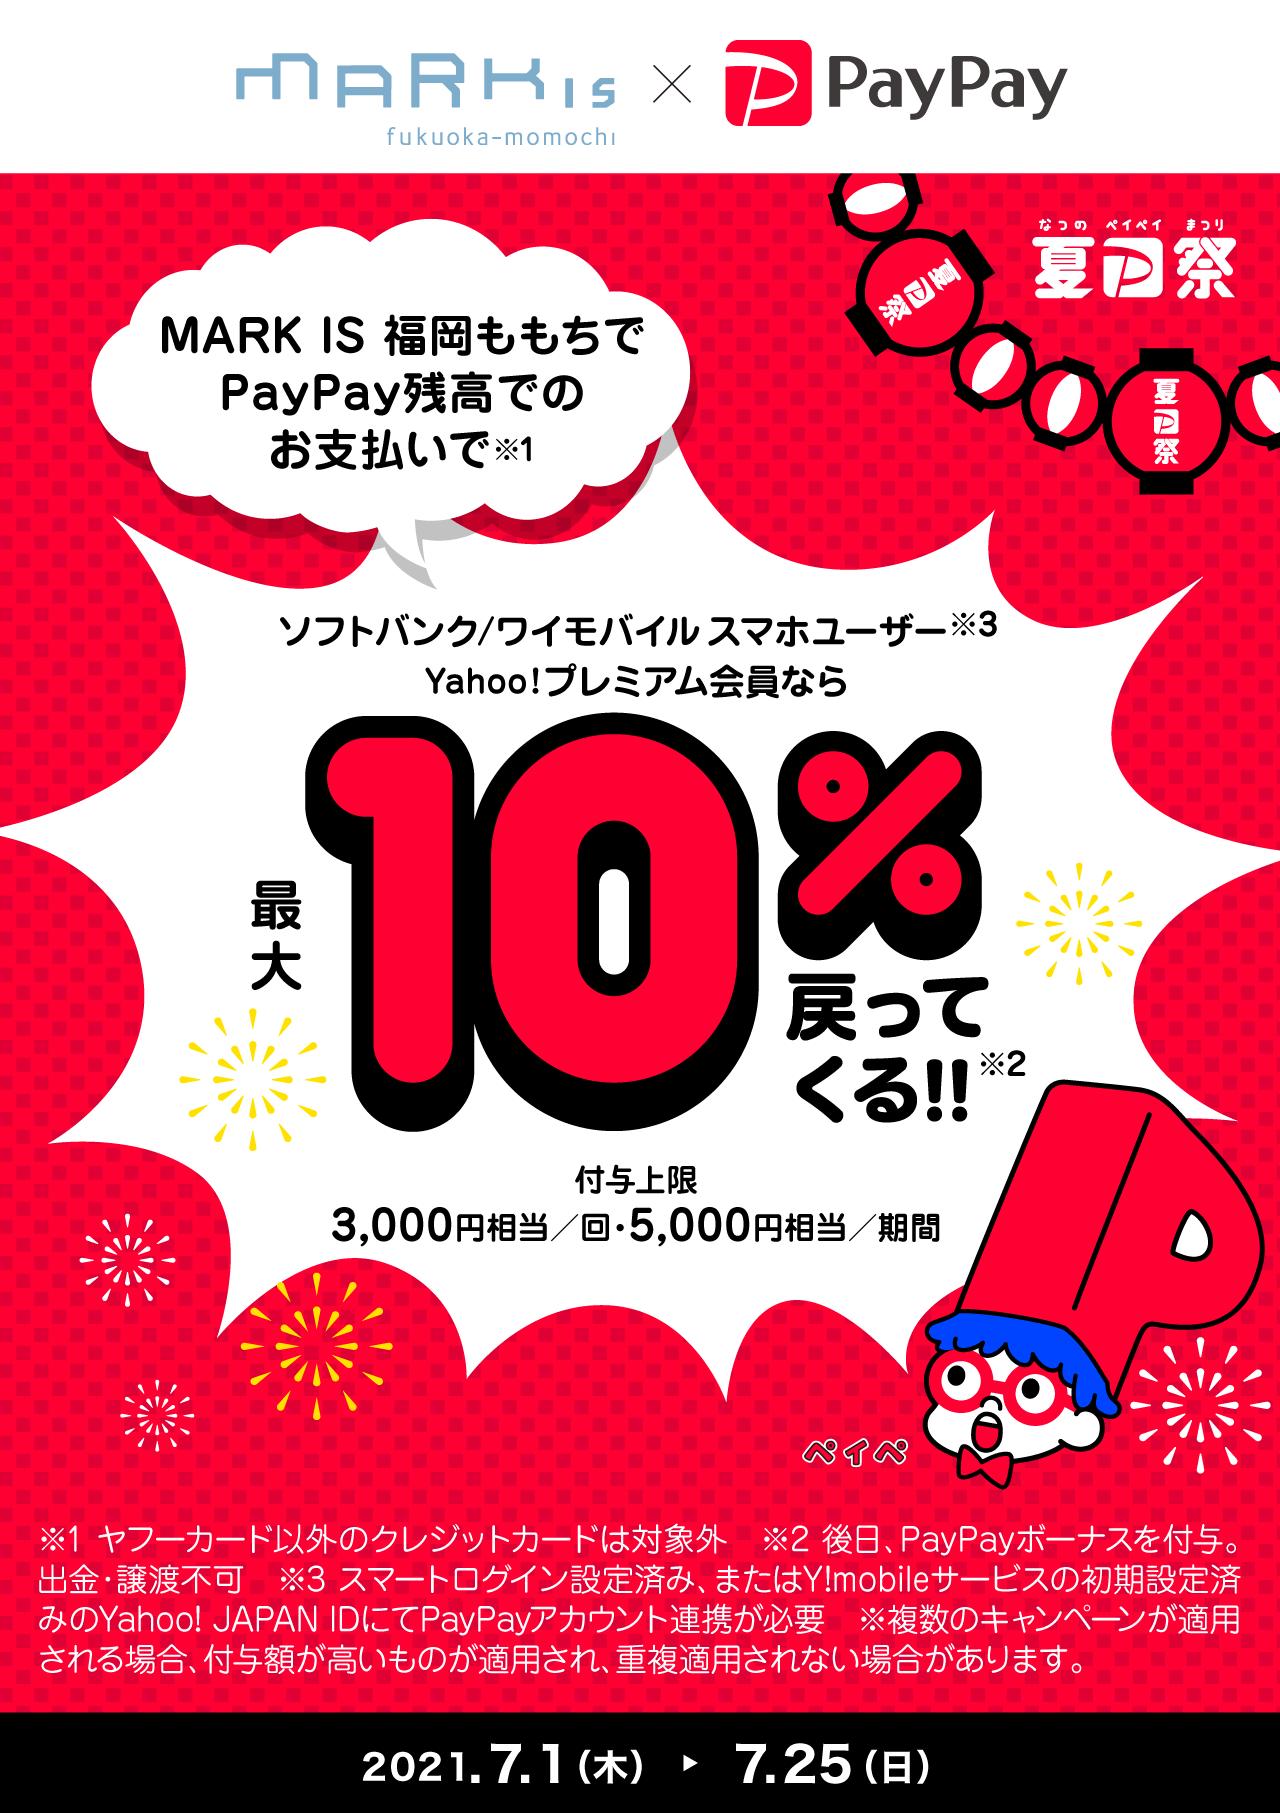 MARK IS 福岡ももちでPayPay残高でのお支払いで最大10%戻ってくる!!